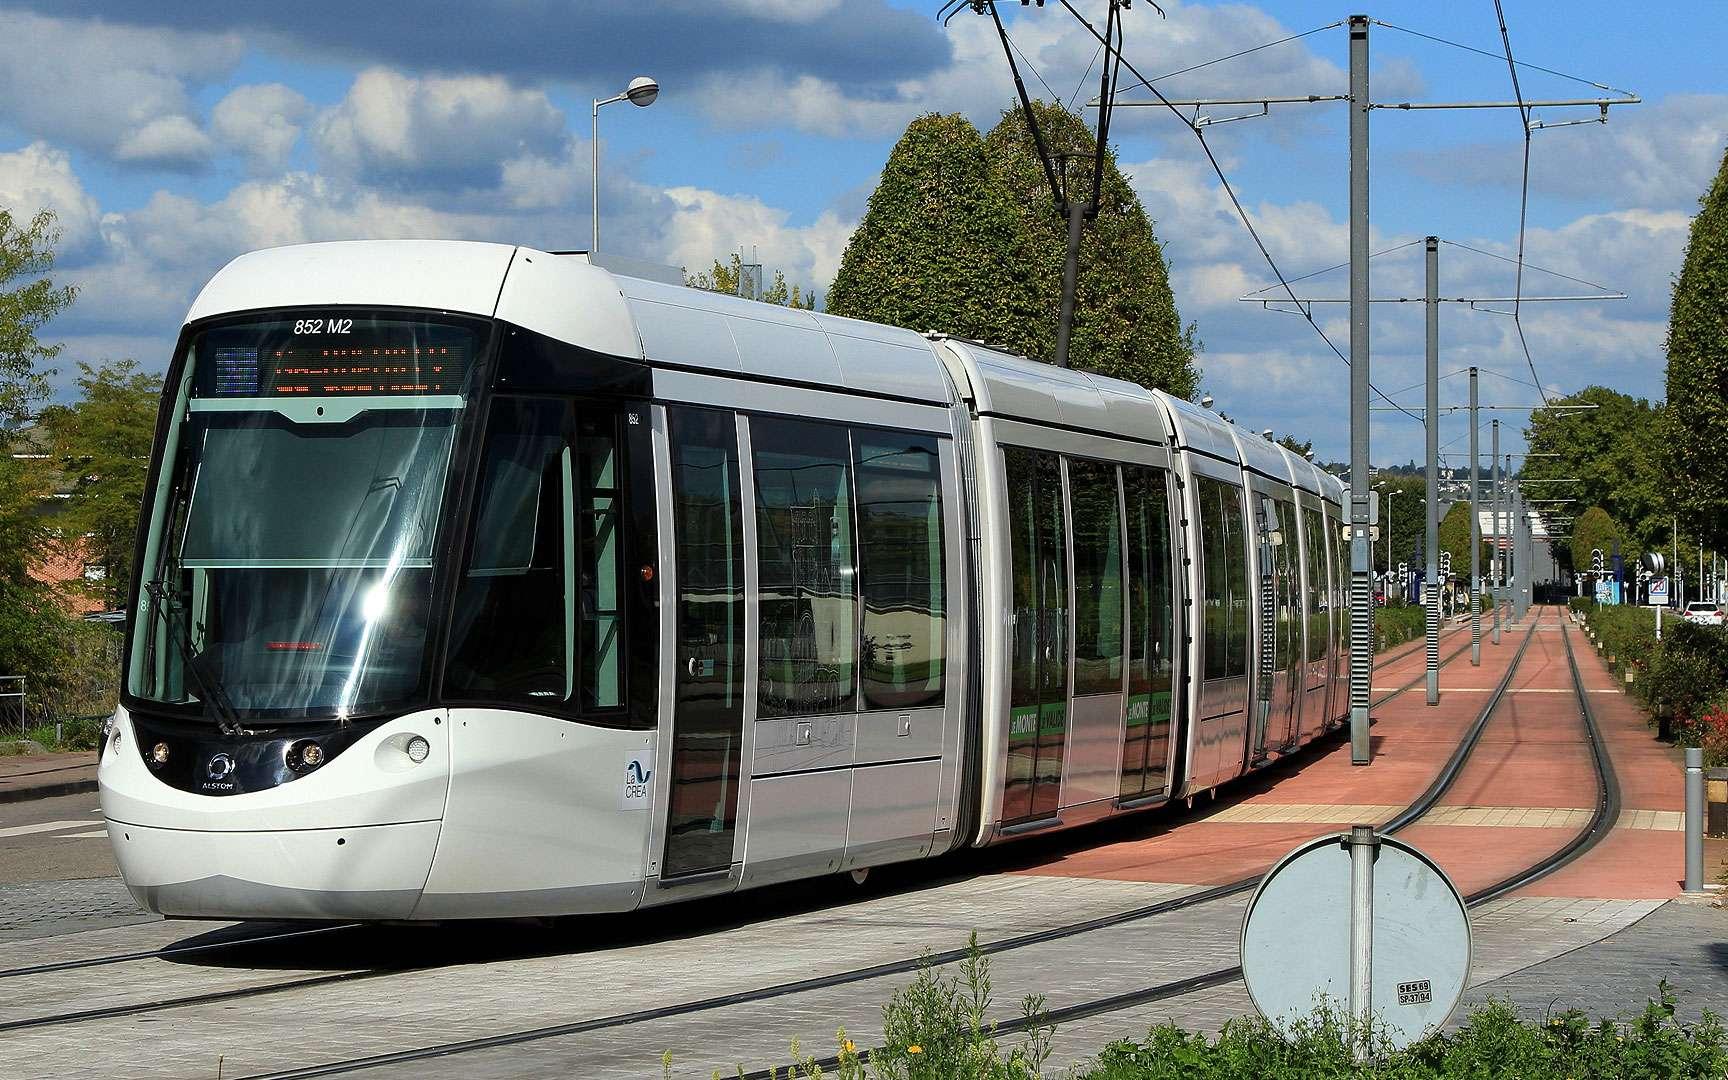 L'ancêtre du tramway. En 1901, Santa Cruz de Tenerife s'équipe d'un tramway électrique qui fonctionnera cinquante ans. Comme dans beaucoup de grandes villes, le tramway a cédé la place à l'automobile. Le tracé de cette première ligne a été repris pour le tramway actuel, dont le projet a été initié en 2000. © MTSA